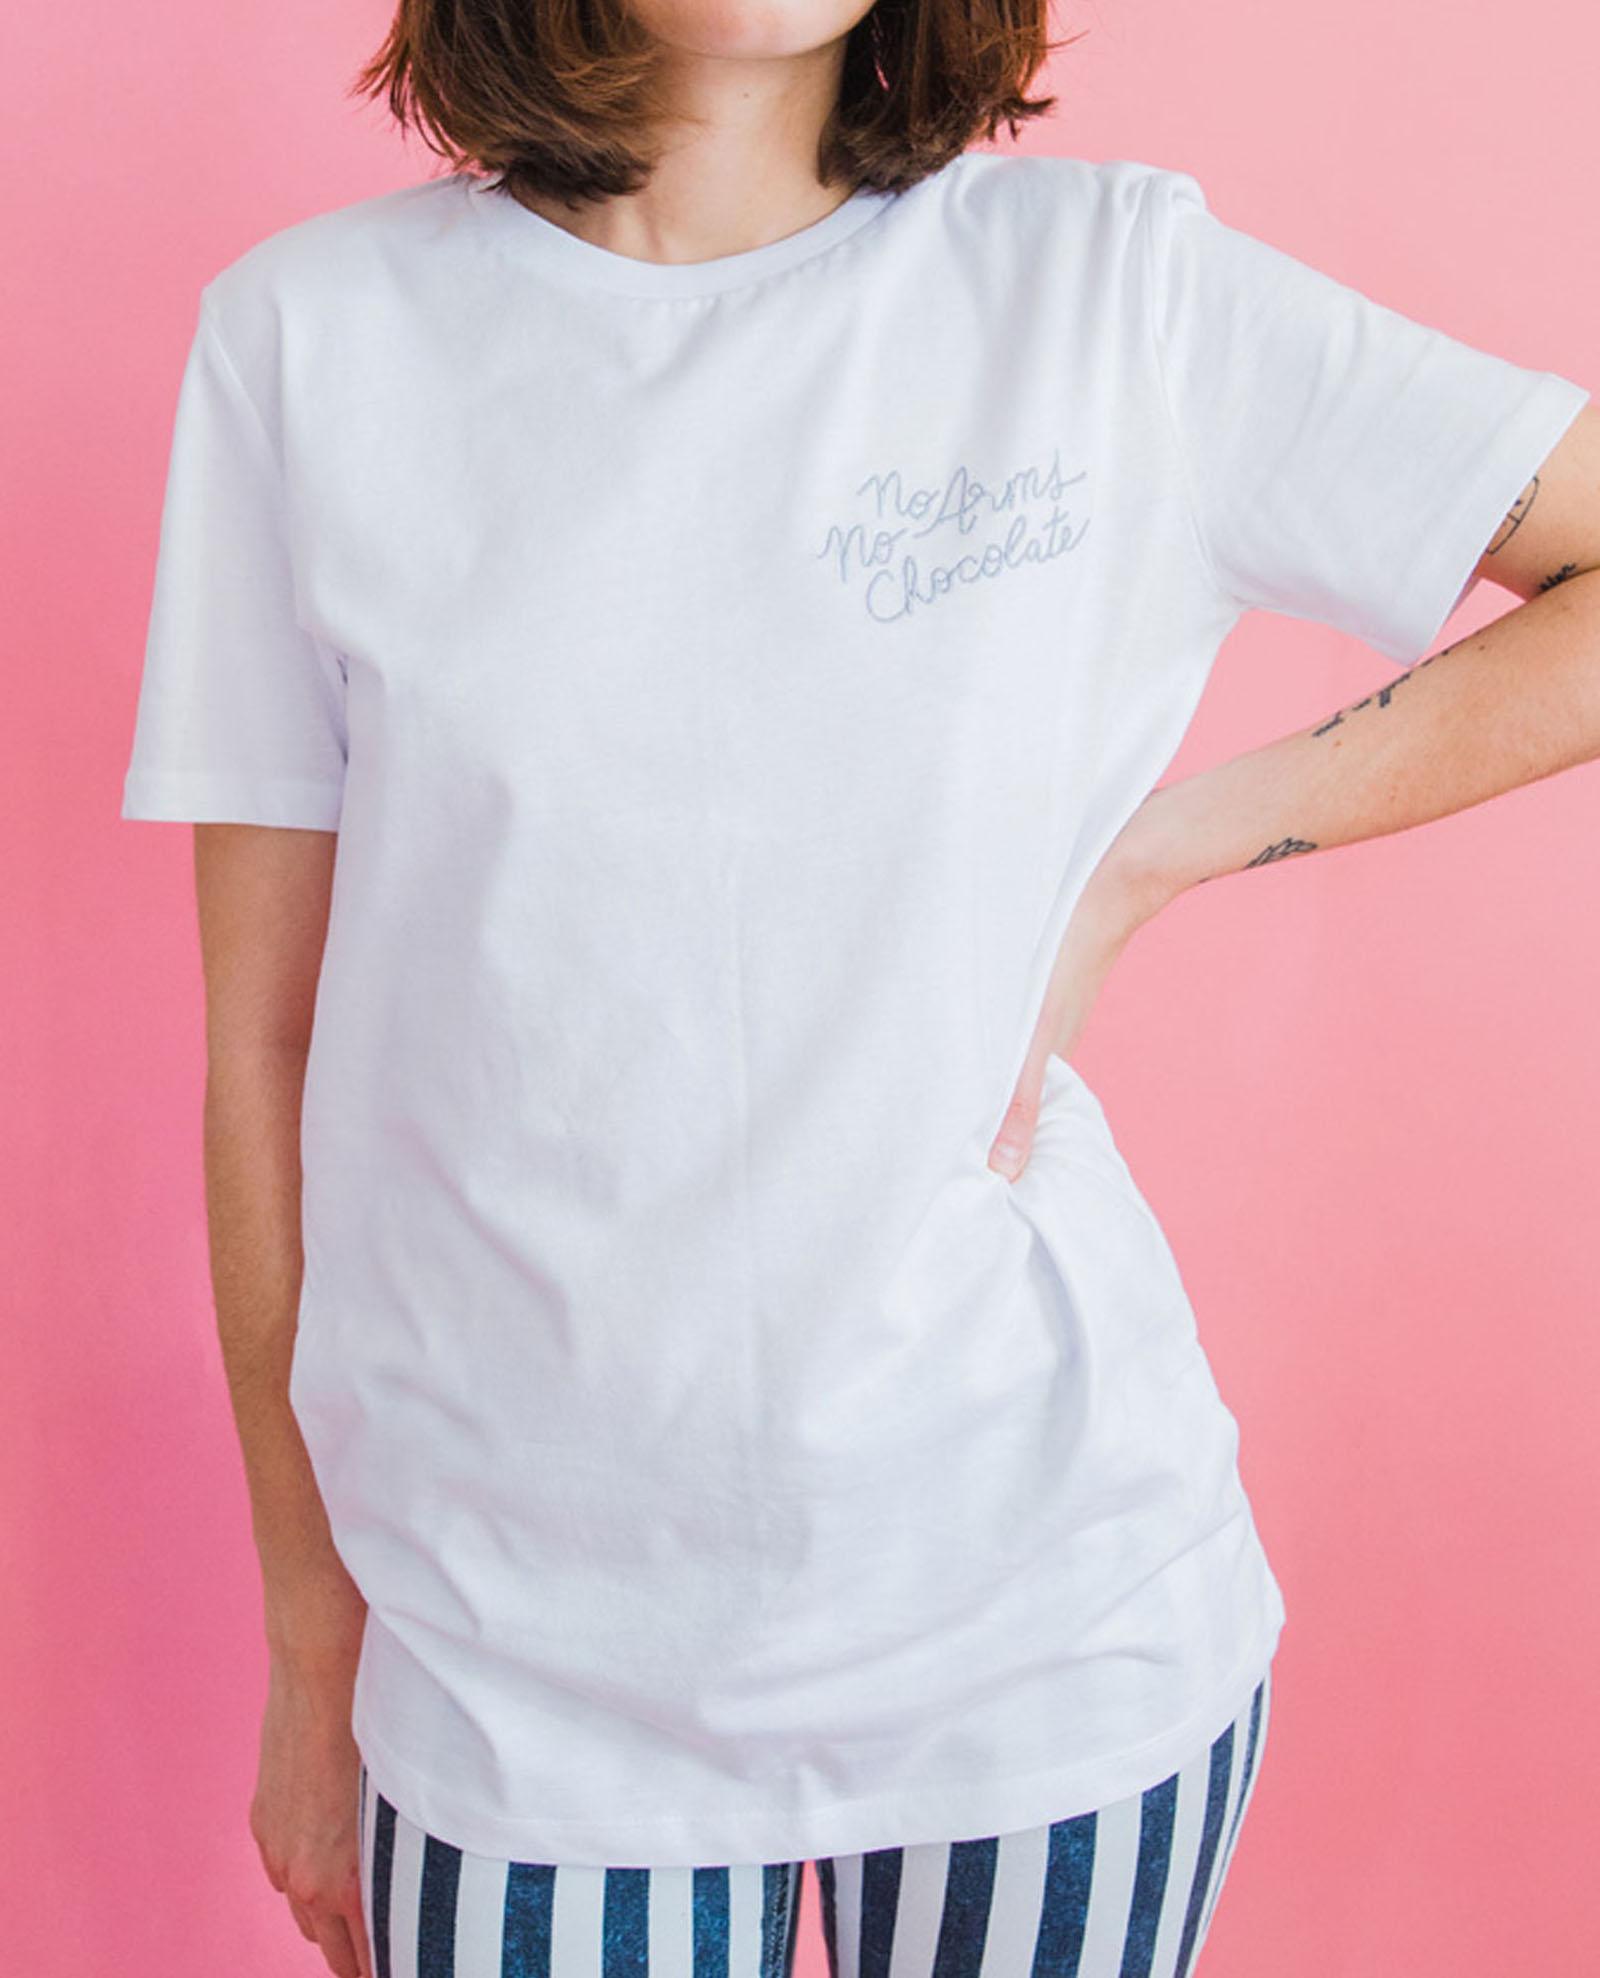 t-shirt brodé jonesie